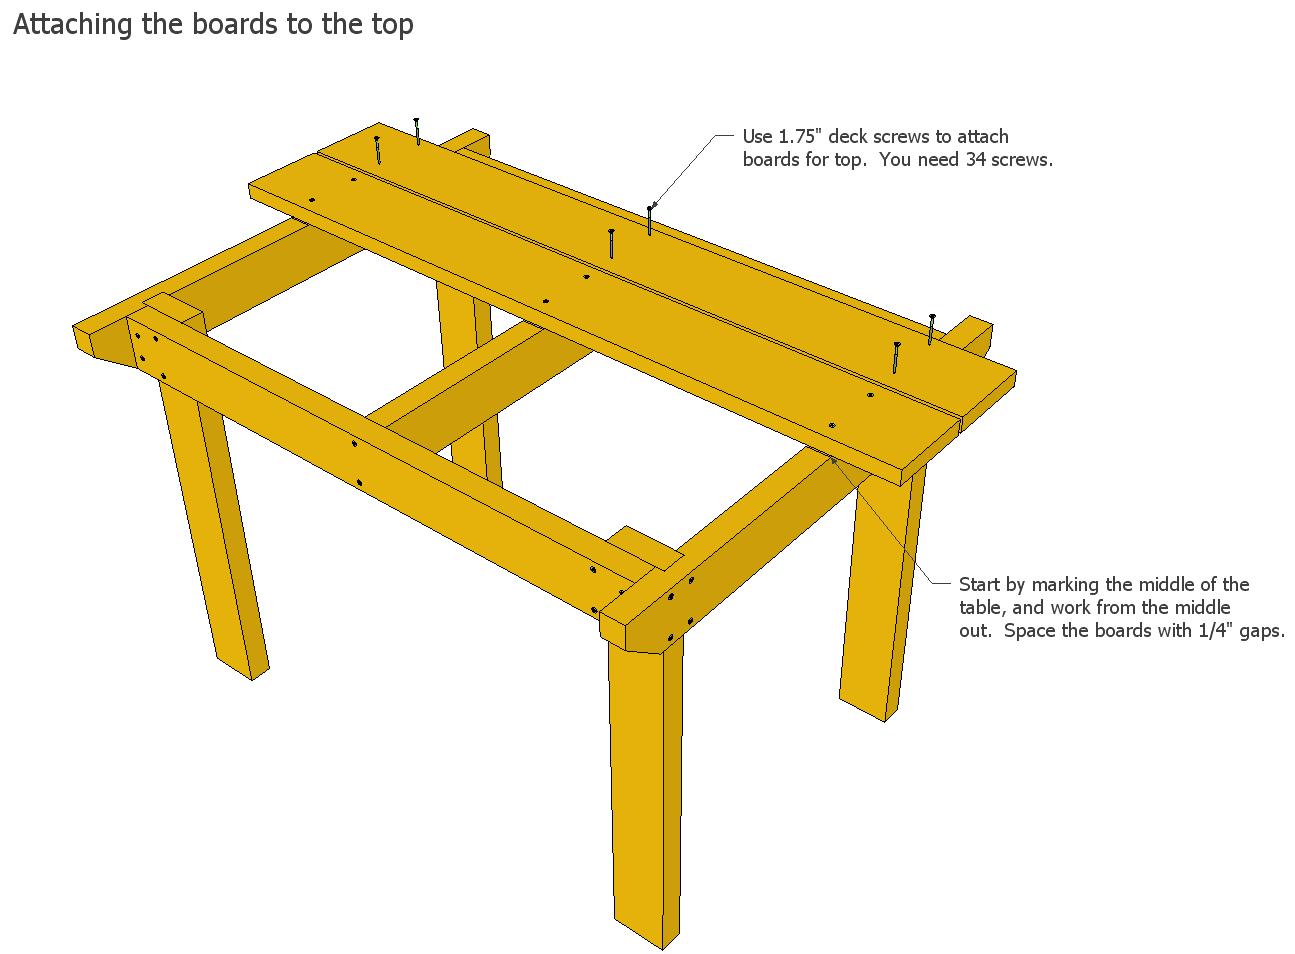 Build Diy Patio Table Plans Diy Plans Wooden Children Playhouse Instructions Upbeat57fcj